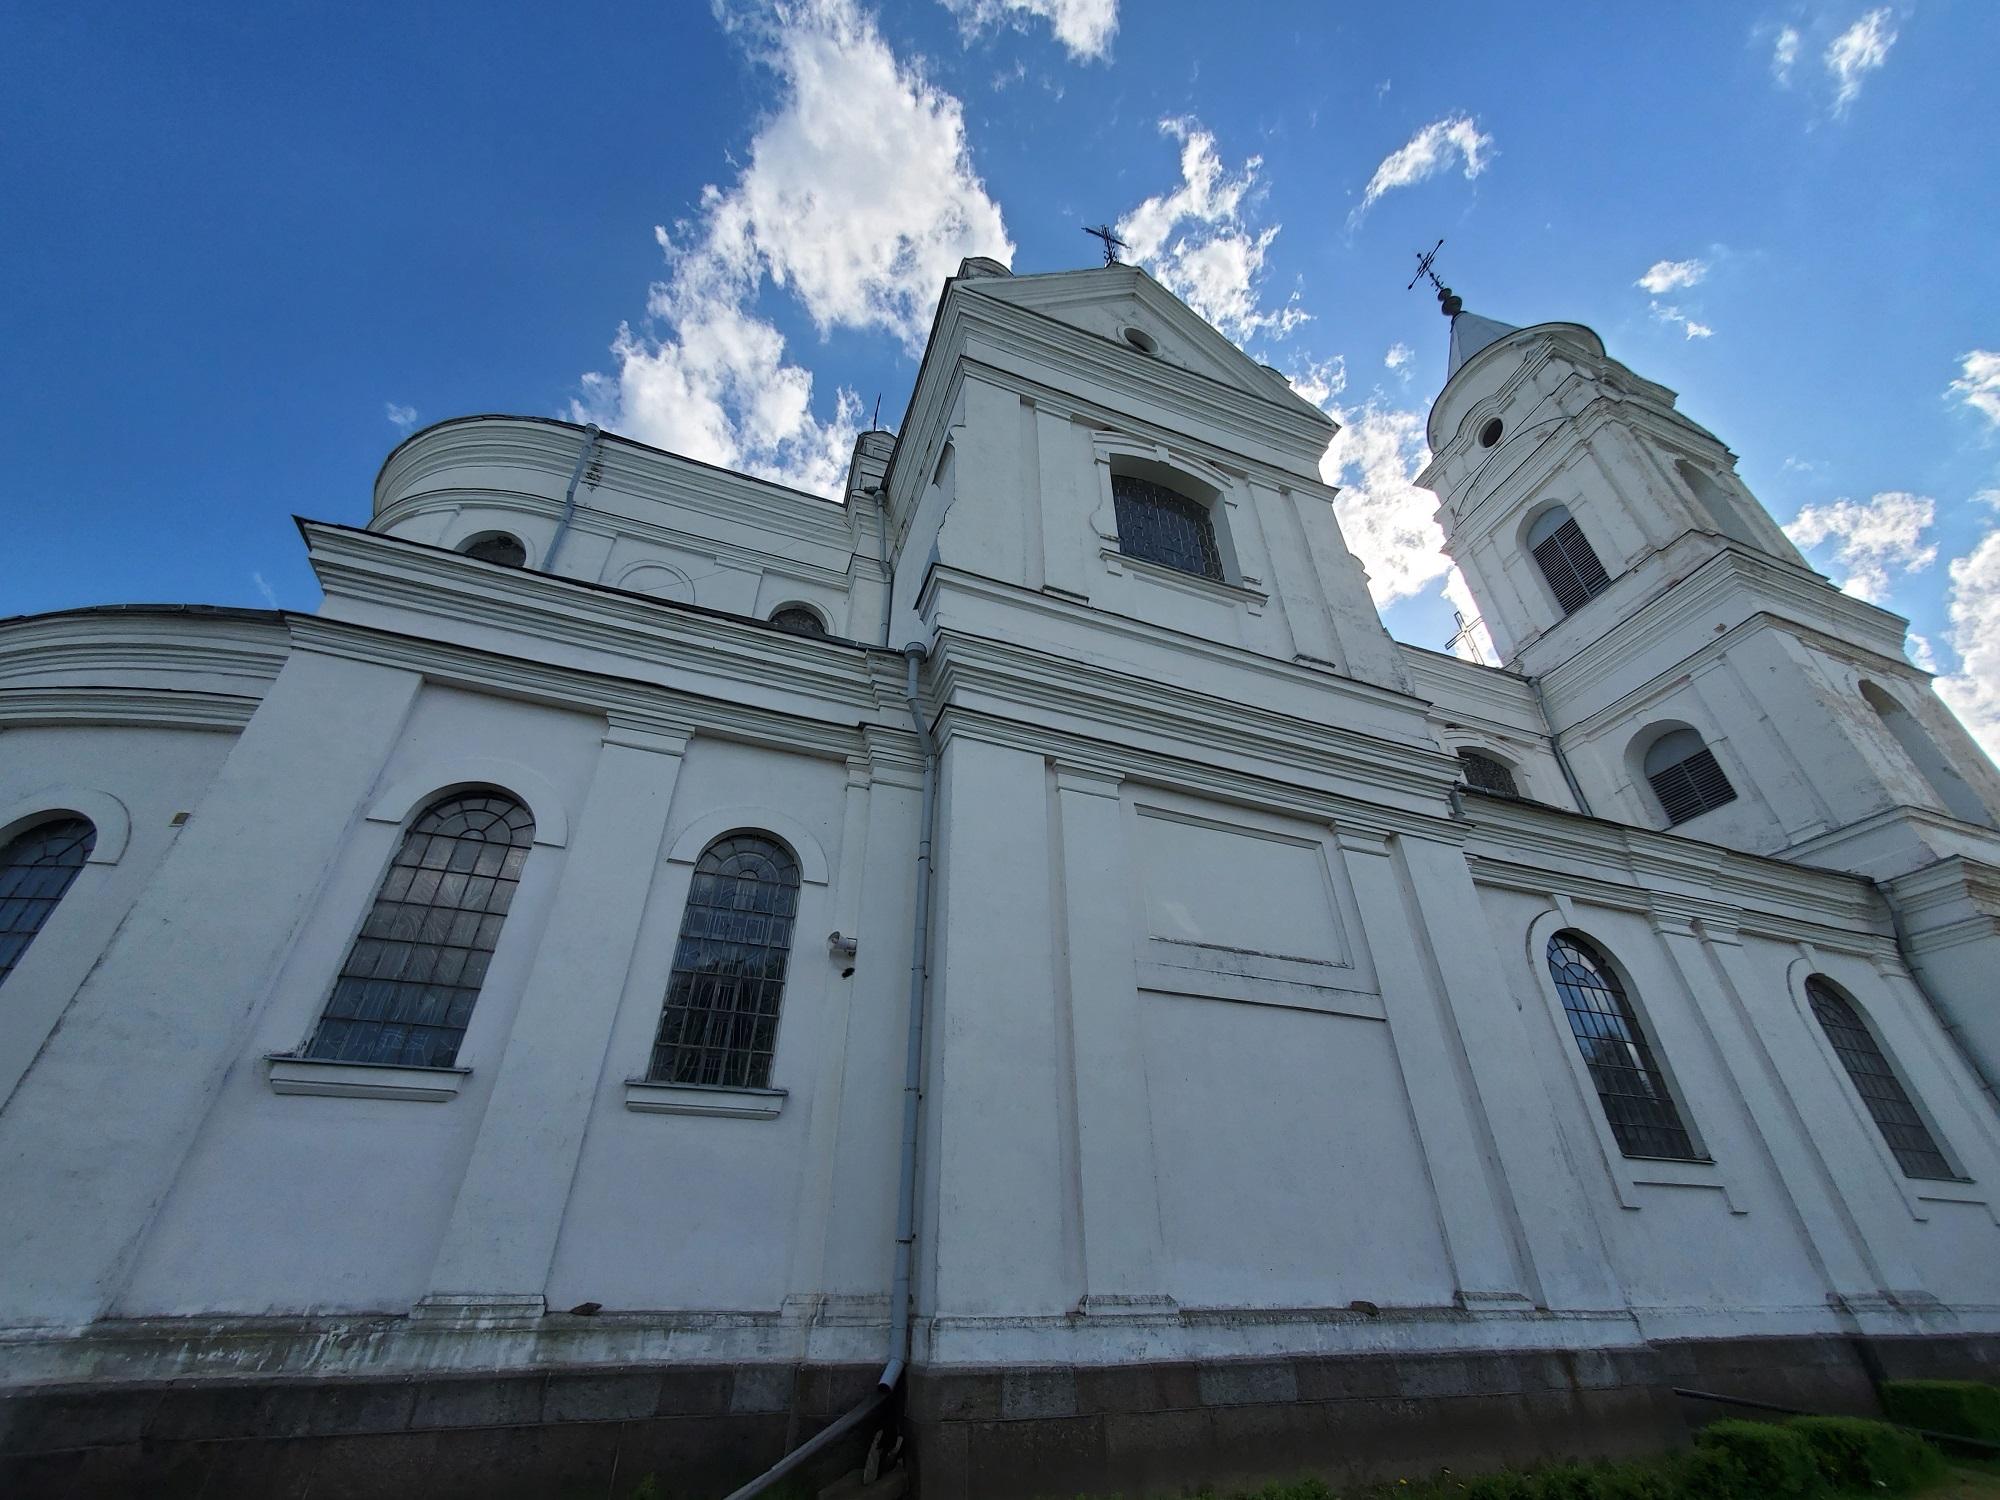 20200606 164931 - Костел Пресвятой Девы Марии в деревне Парафьяново